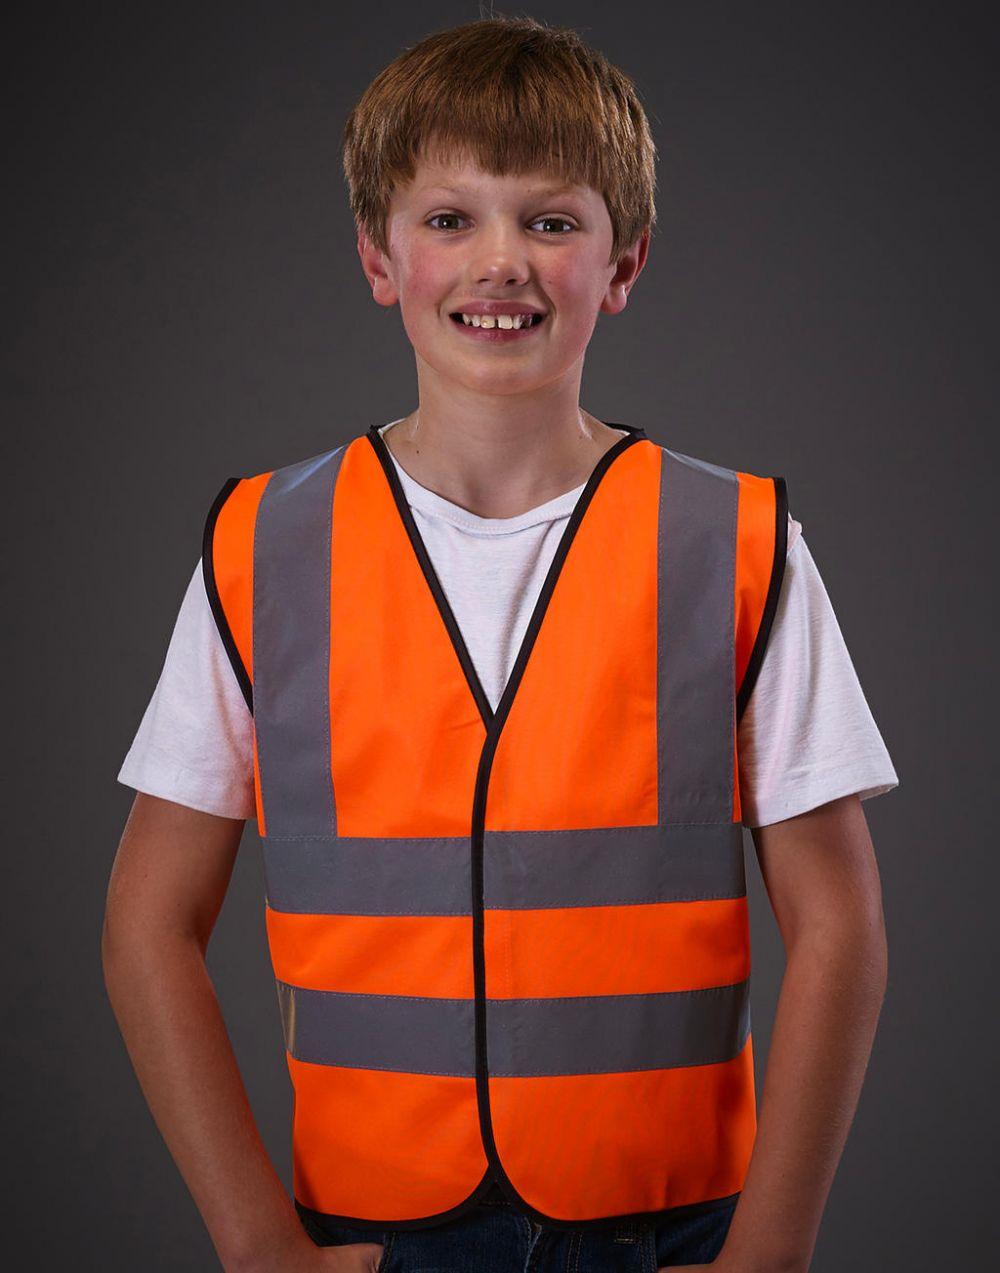 Chalecos reflectantes yoko de seguridad fluo niño con publicidad imagen 1